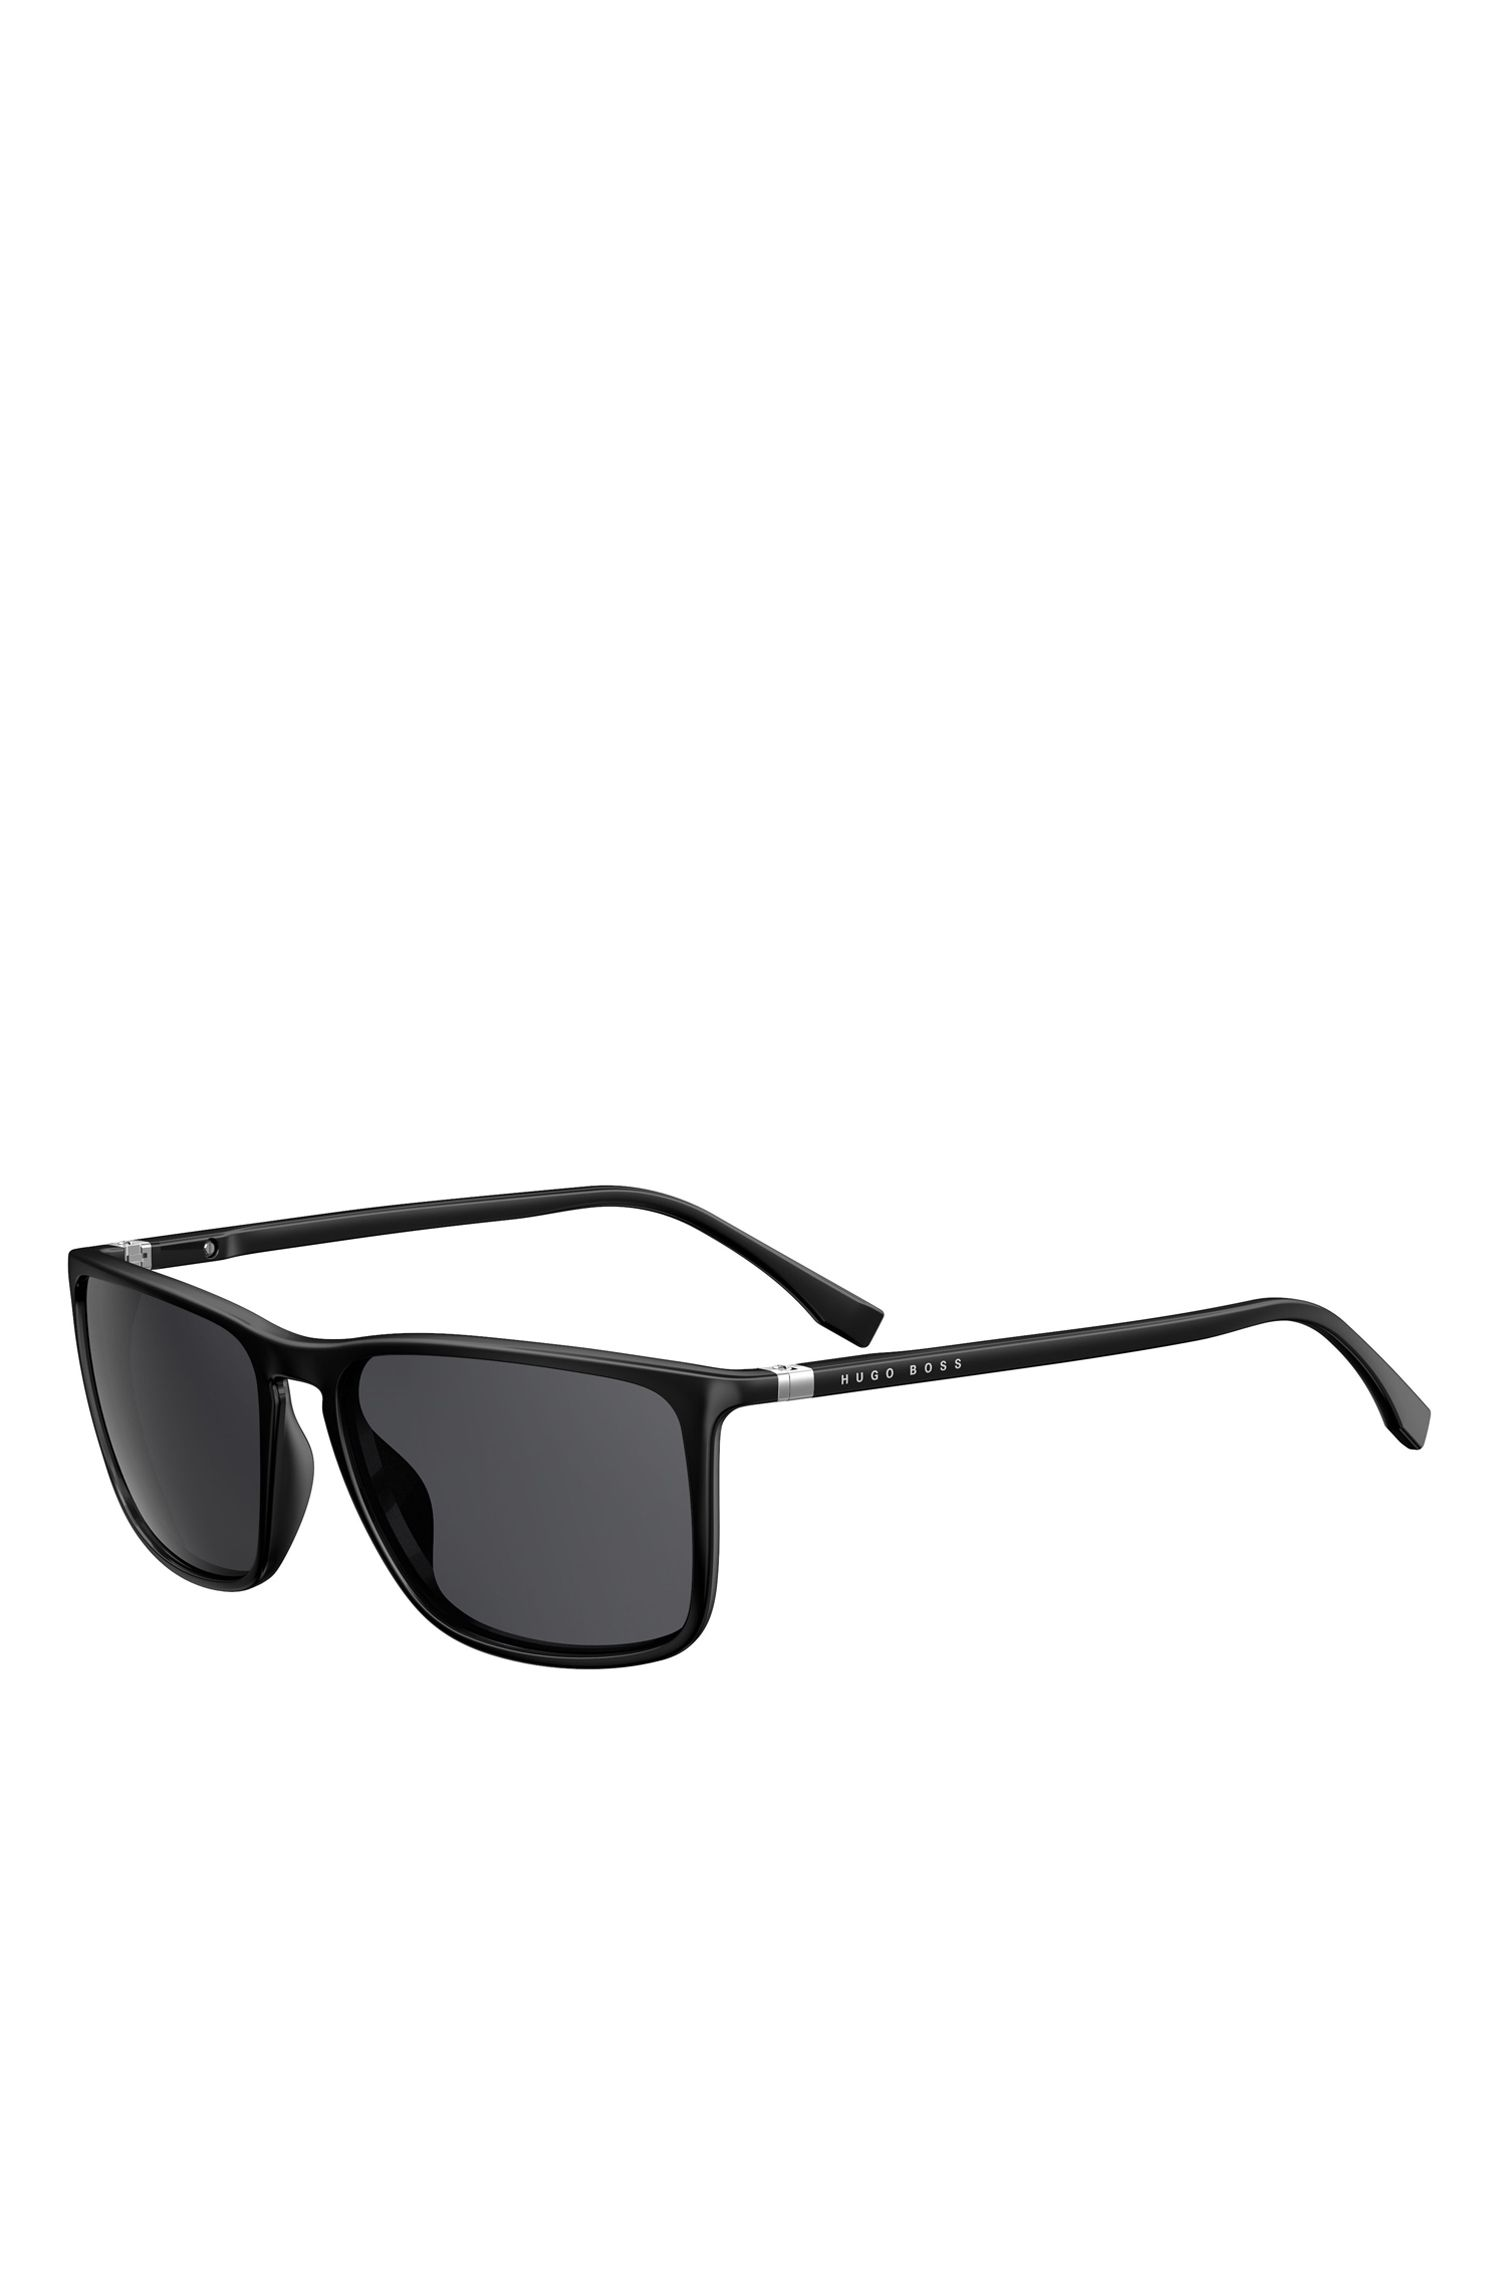 'BOSS 0665S' | Black Lens Polarized Square Sunglasses